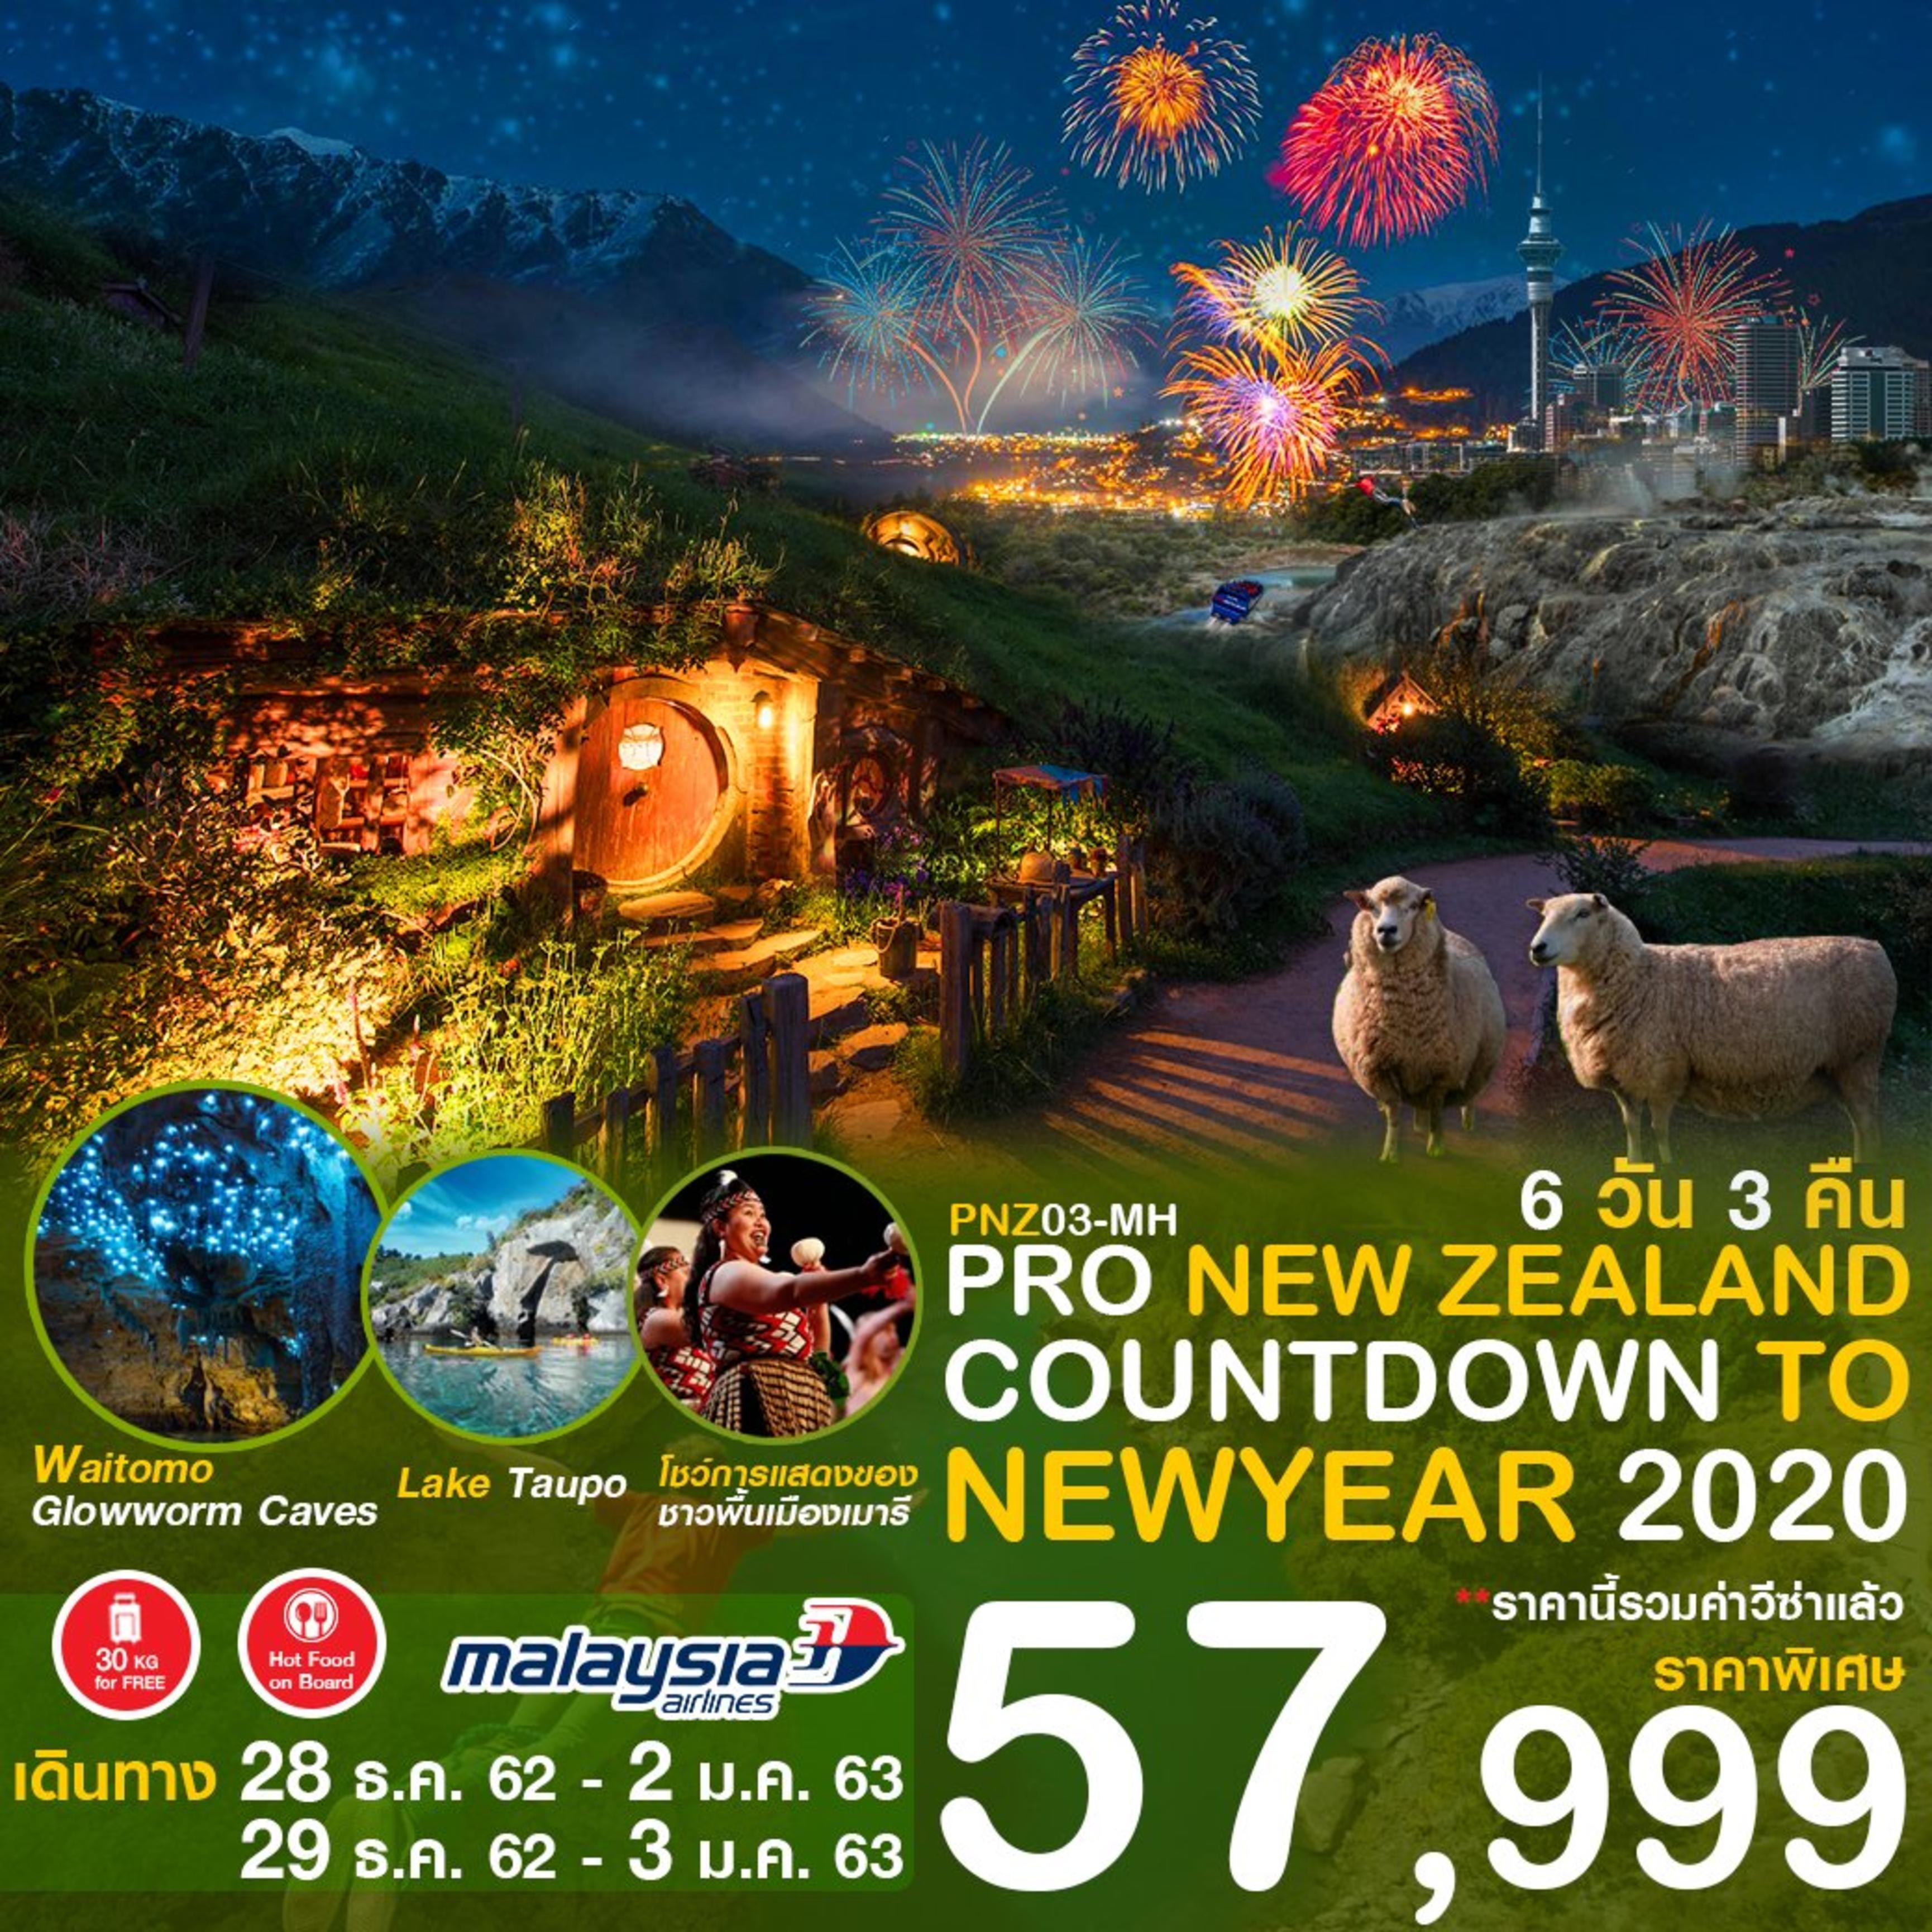 ทัวร์นิวซีแลนด์ เคาท์ดาวน์ 2020 : New Zealand Countdown To New year 2020